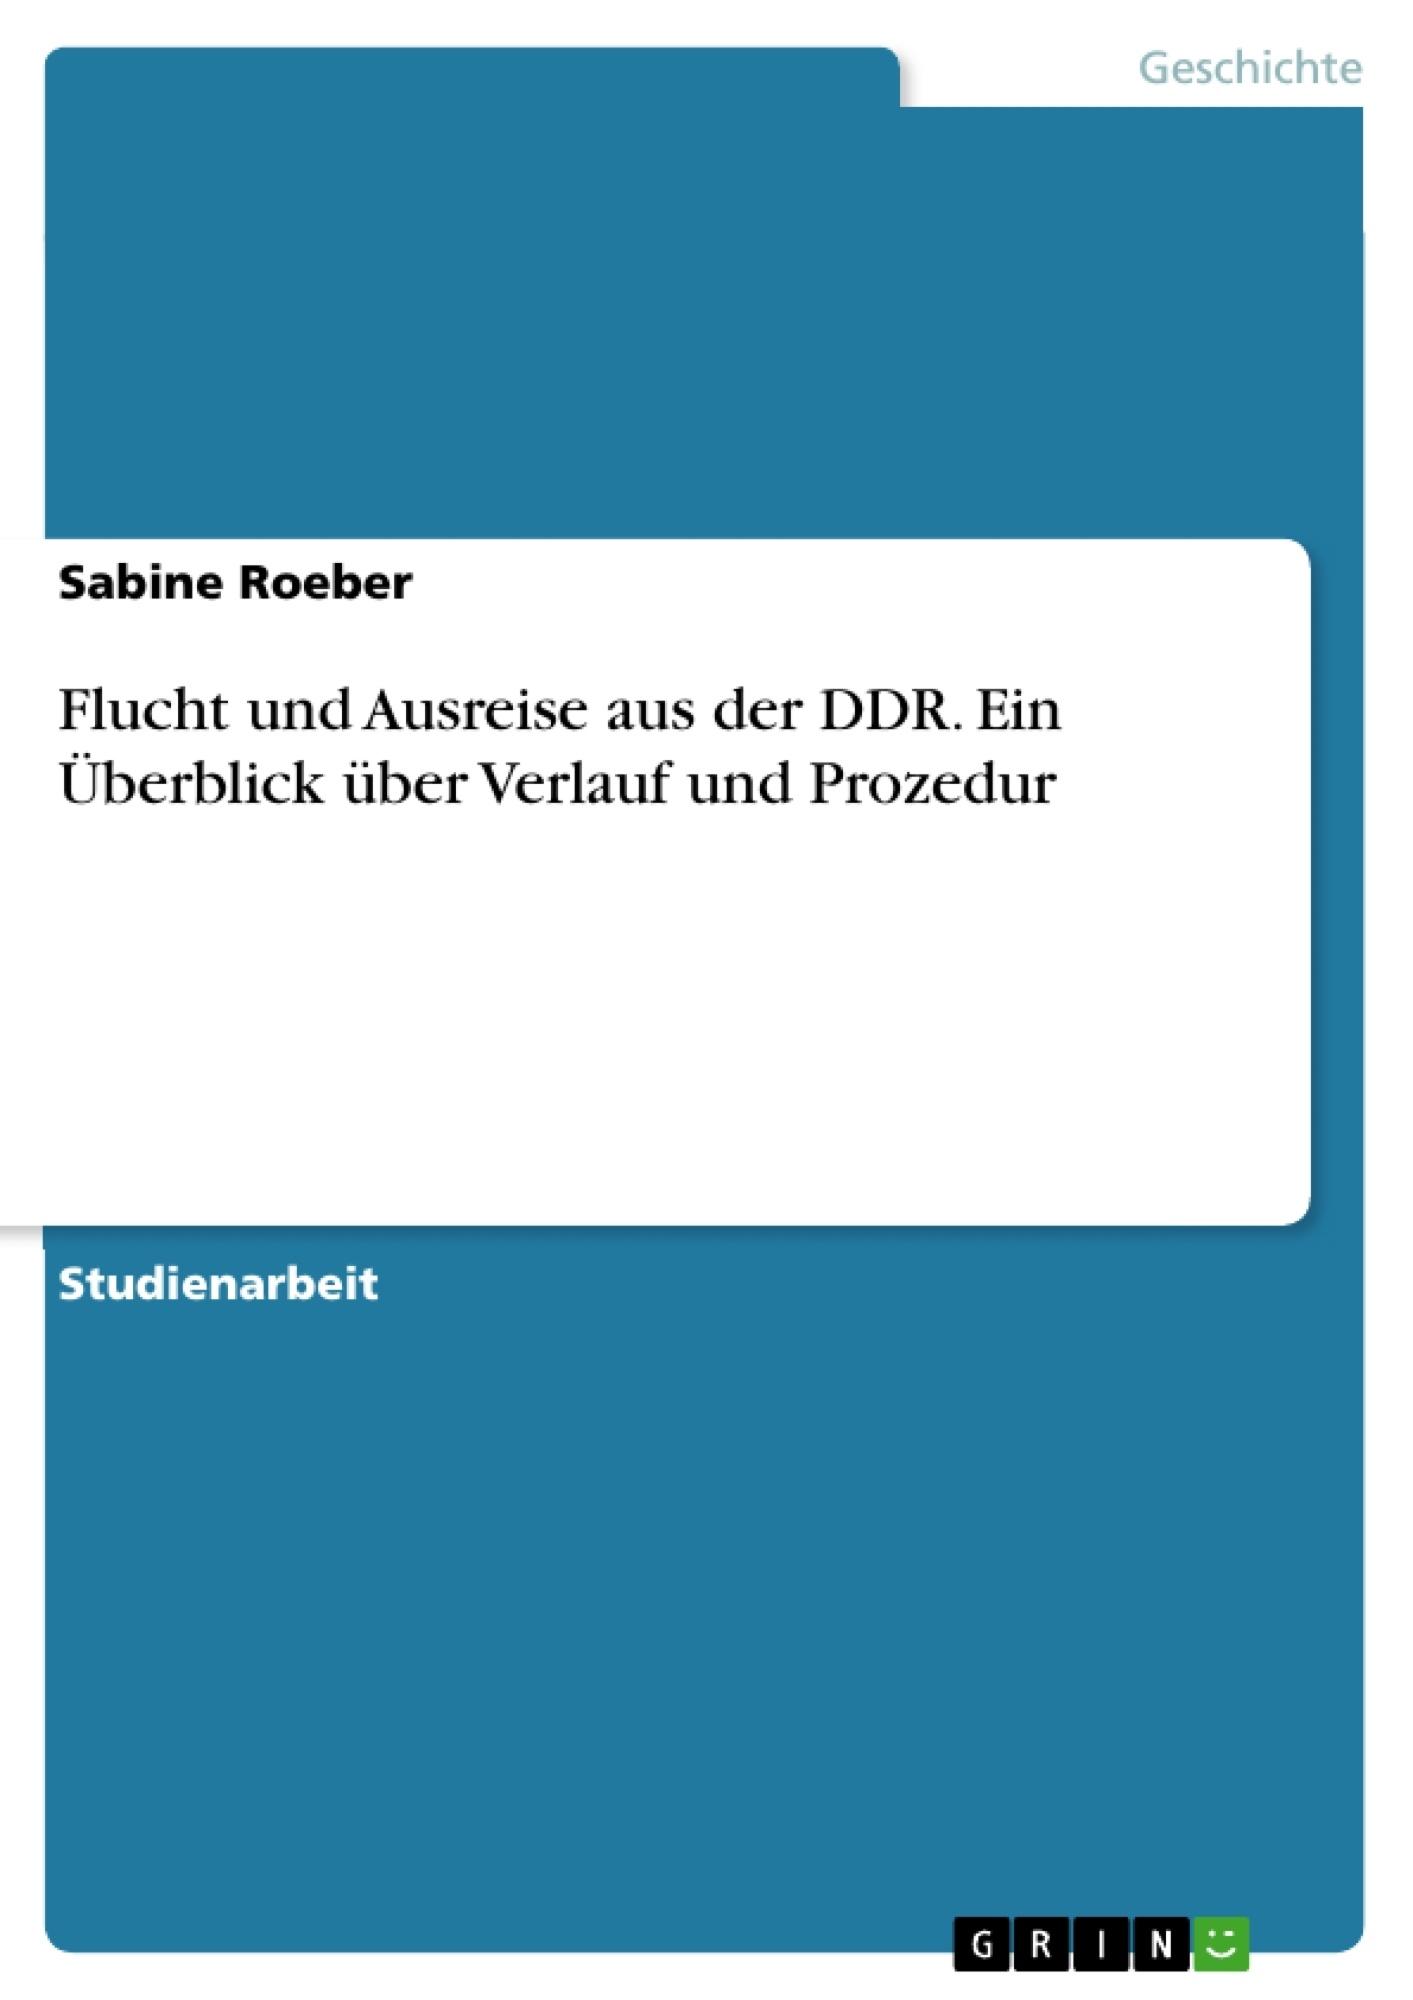 Titel: Flucht und Ausreise aus der DDR. Ein Überblick über Verlauf und Prozedur